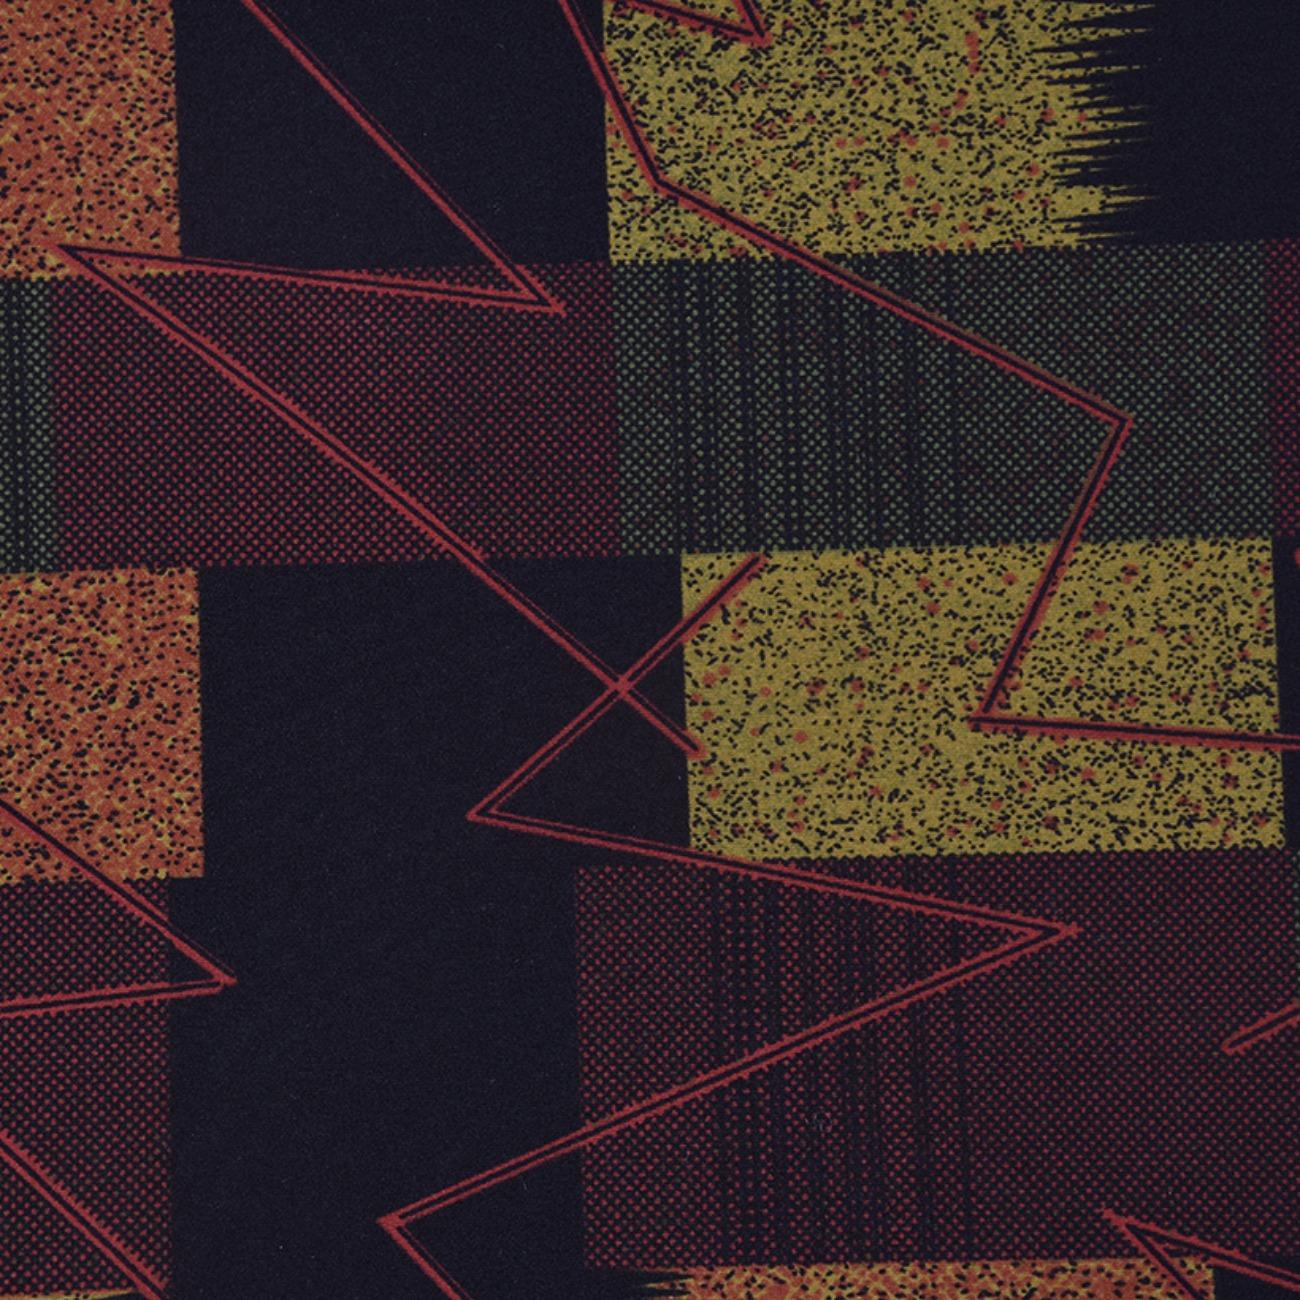 印花 几何 针织 现货  T恤  针织衫  连衣裙 妈妈装 四面弹 柔软 圆机 纬编 单面 60314-20